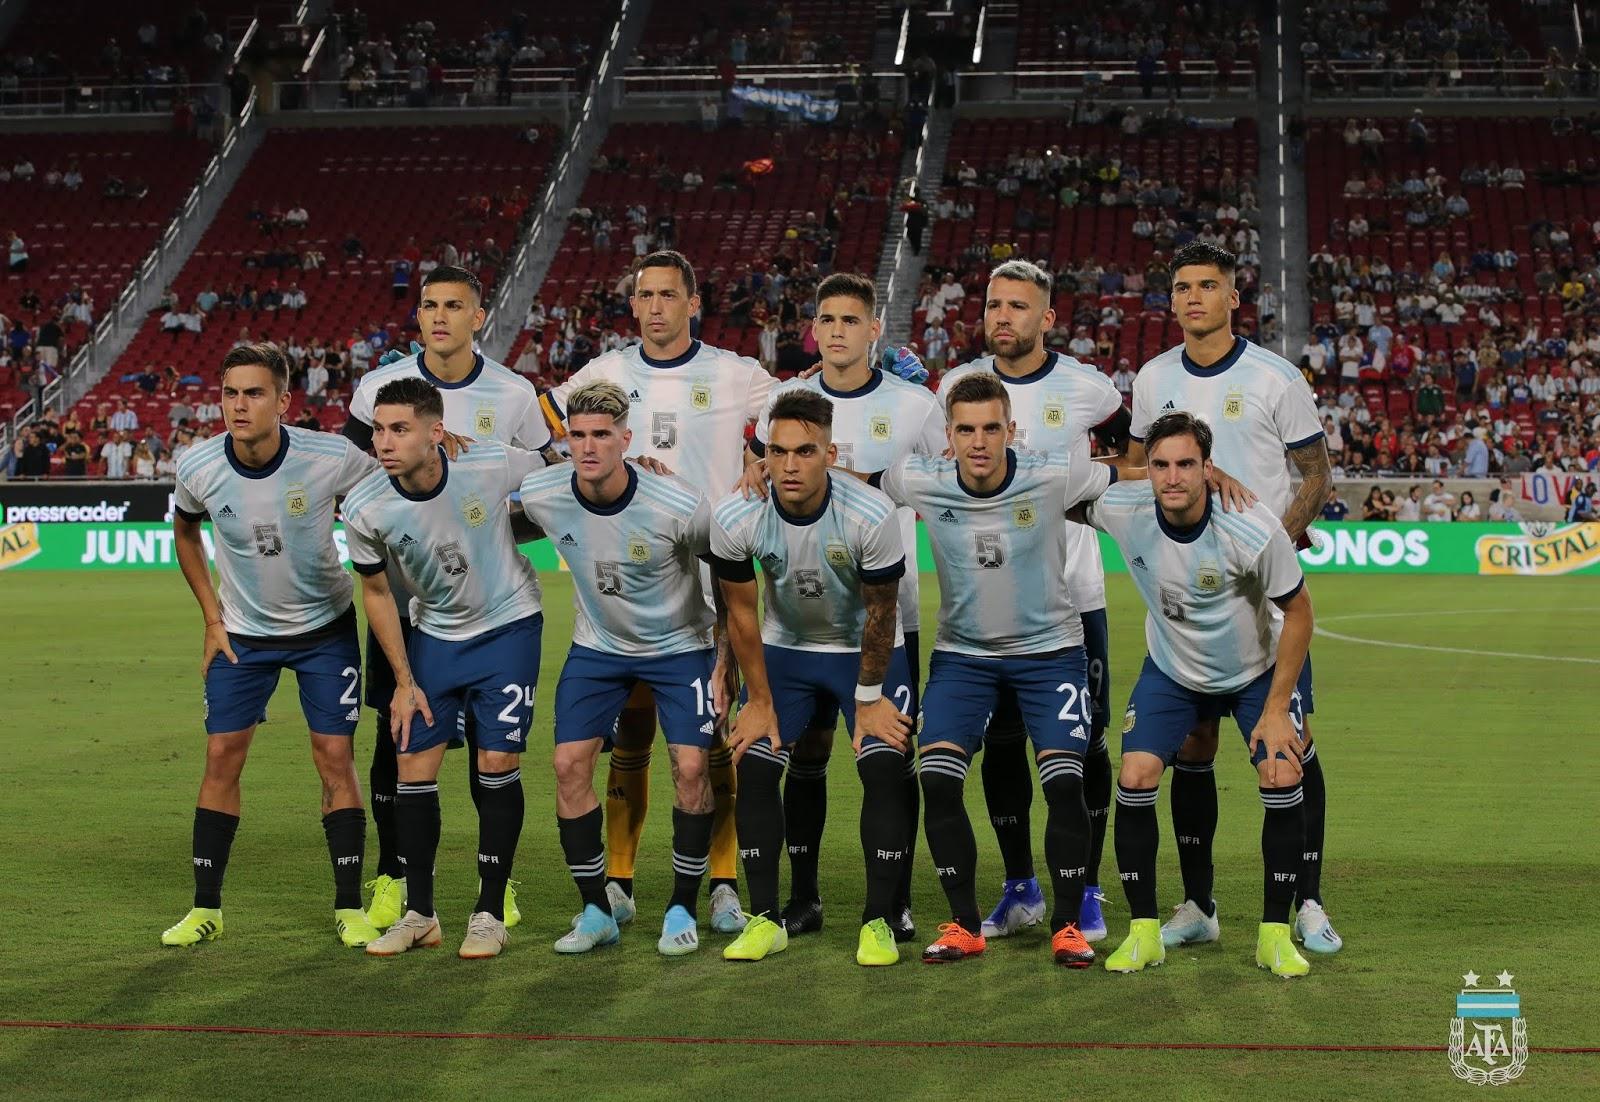 Formación de Argentina ante Chile, amistoso disputado el 5 de septiembre de 2019